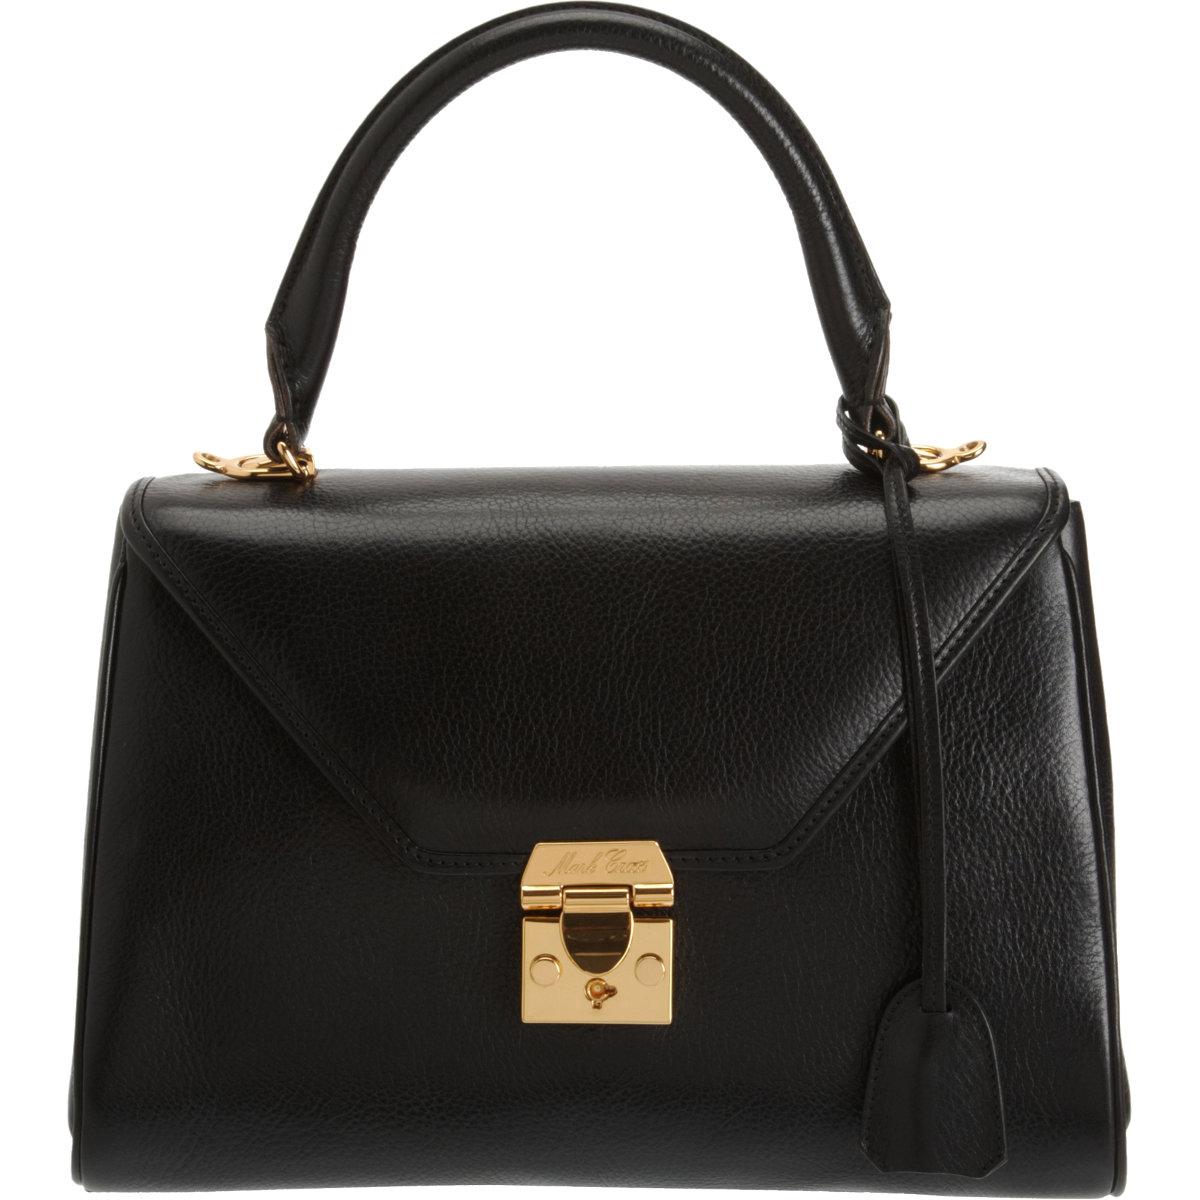 Mark cross scottie small satchel at barneys.com